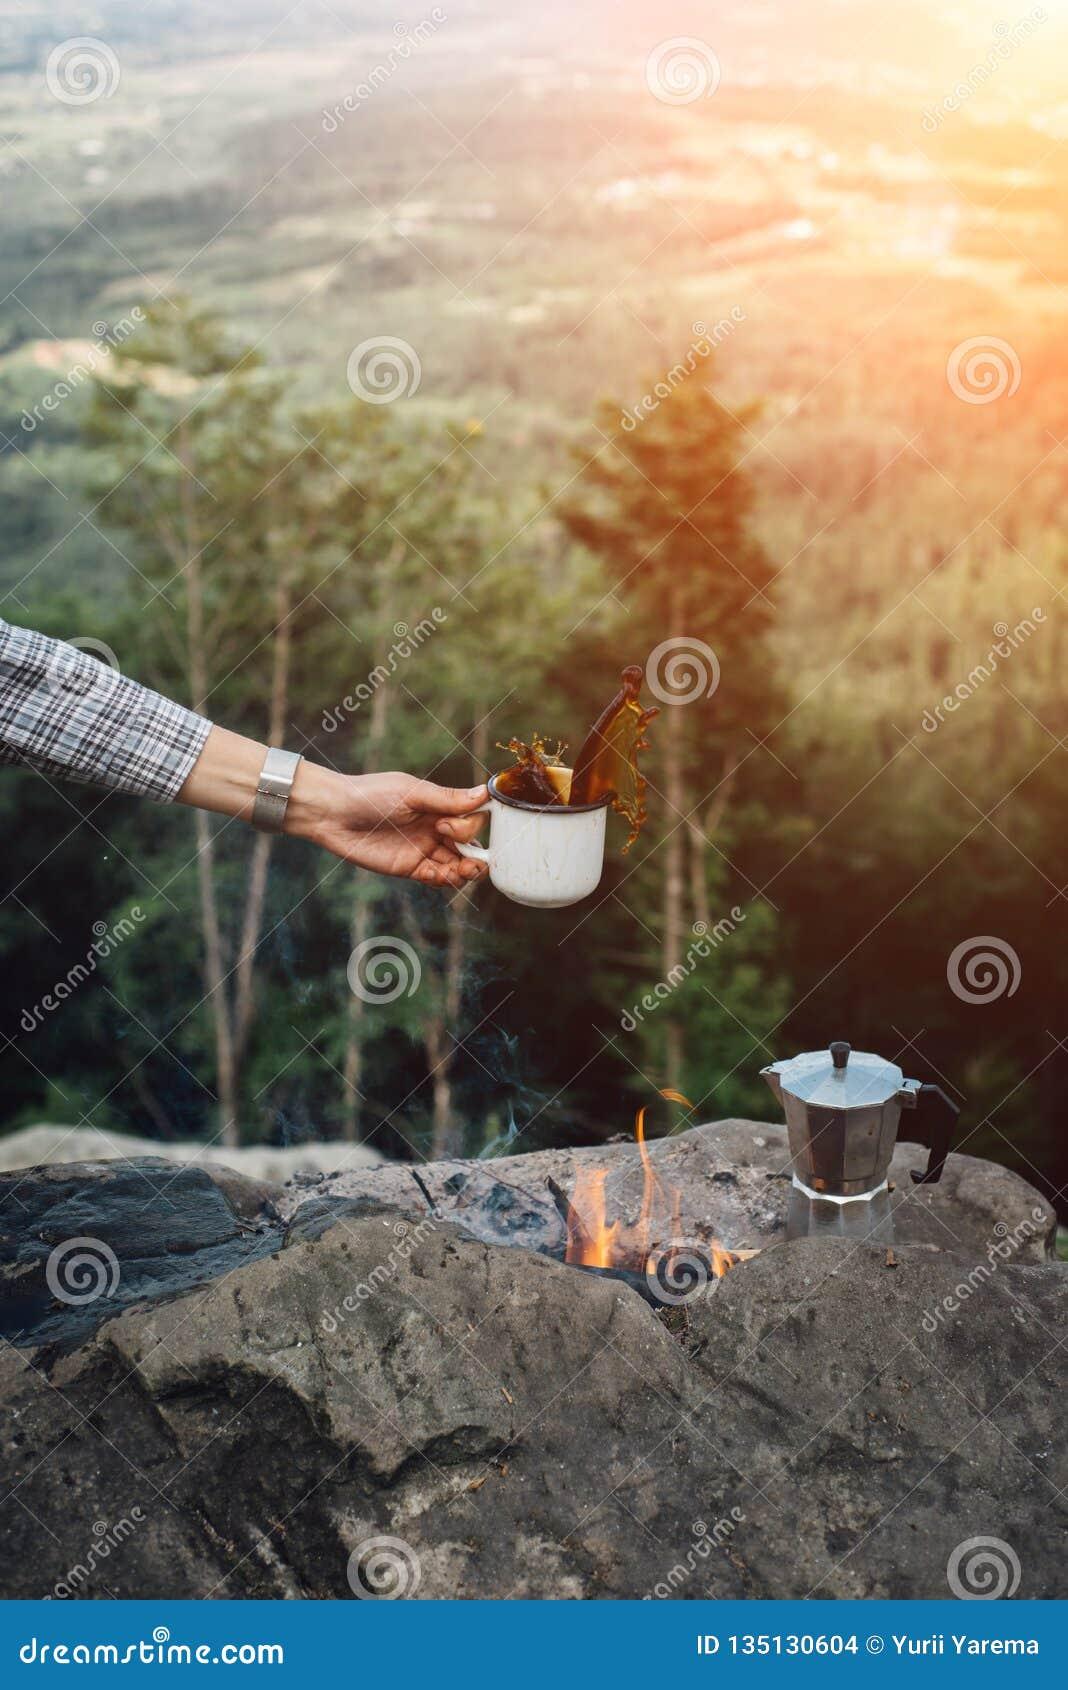 Le ragazze passano tiene una tazza di caffè calda vicino al fuoco di accampamento su fondo della natura durante il tramonto